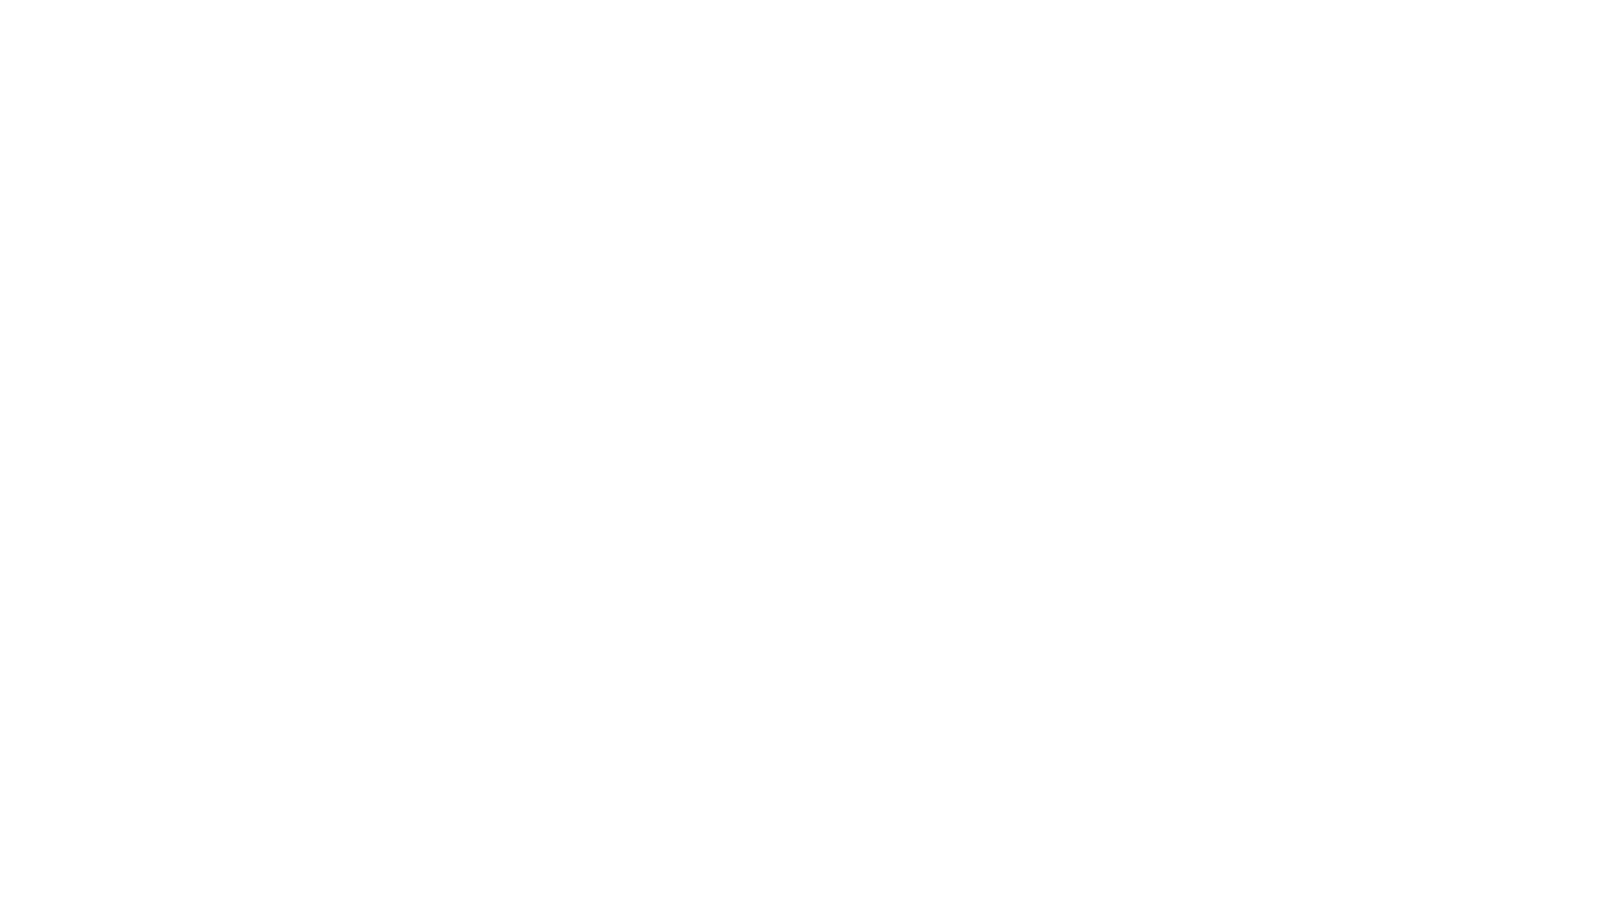 栃木県宇都宮市鎮座 今泉八坂神社【公式】  青年神職むすび会 主催   [御朱印展~栃木の神社 御朱印めぐり~] 【期間】令和3年 10月13日(水)~27日(水) 【会場】那珂川町観光センター(道の駅 ばとう内)    ●栃木県那須郡那珂川町北向田181-2 【時間】午前9時~午後5時まで  御朱印展、過去最大の栃木県内95社の御朱印と個性的な御朱印帳を集めました。パンフレットも数量限定で無料で配布しております 尚、新型コロナウィルス感染対策としてご来社の際はマスク着用をお願いします。  [動画作成]今泉八坂神社 栃木県宇都宮市今4-16-28鎮座・℡028-621-0248  HP Twitter有り 励みになりますので、チャンネル登録・高評価・コメント宜しくお願い致します。